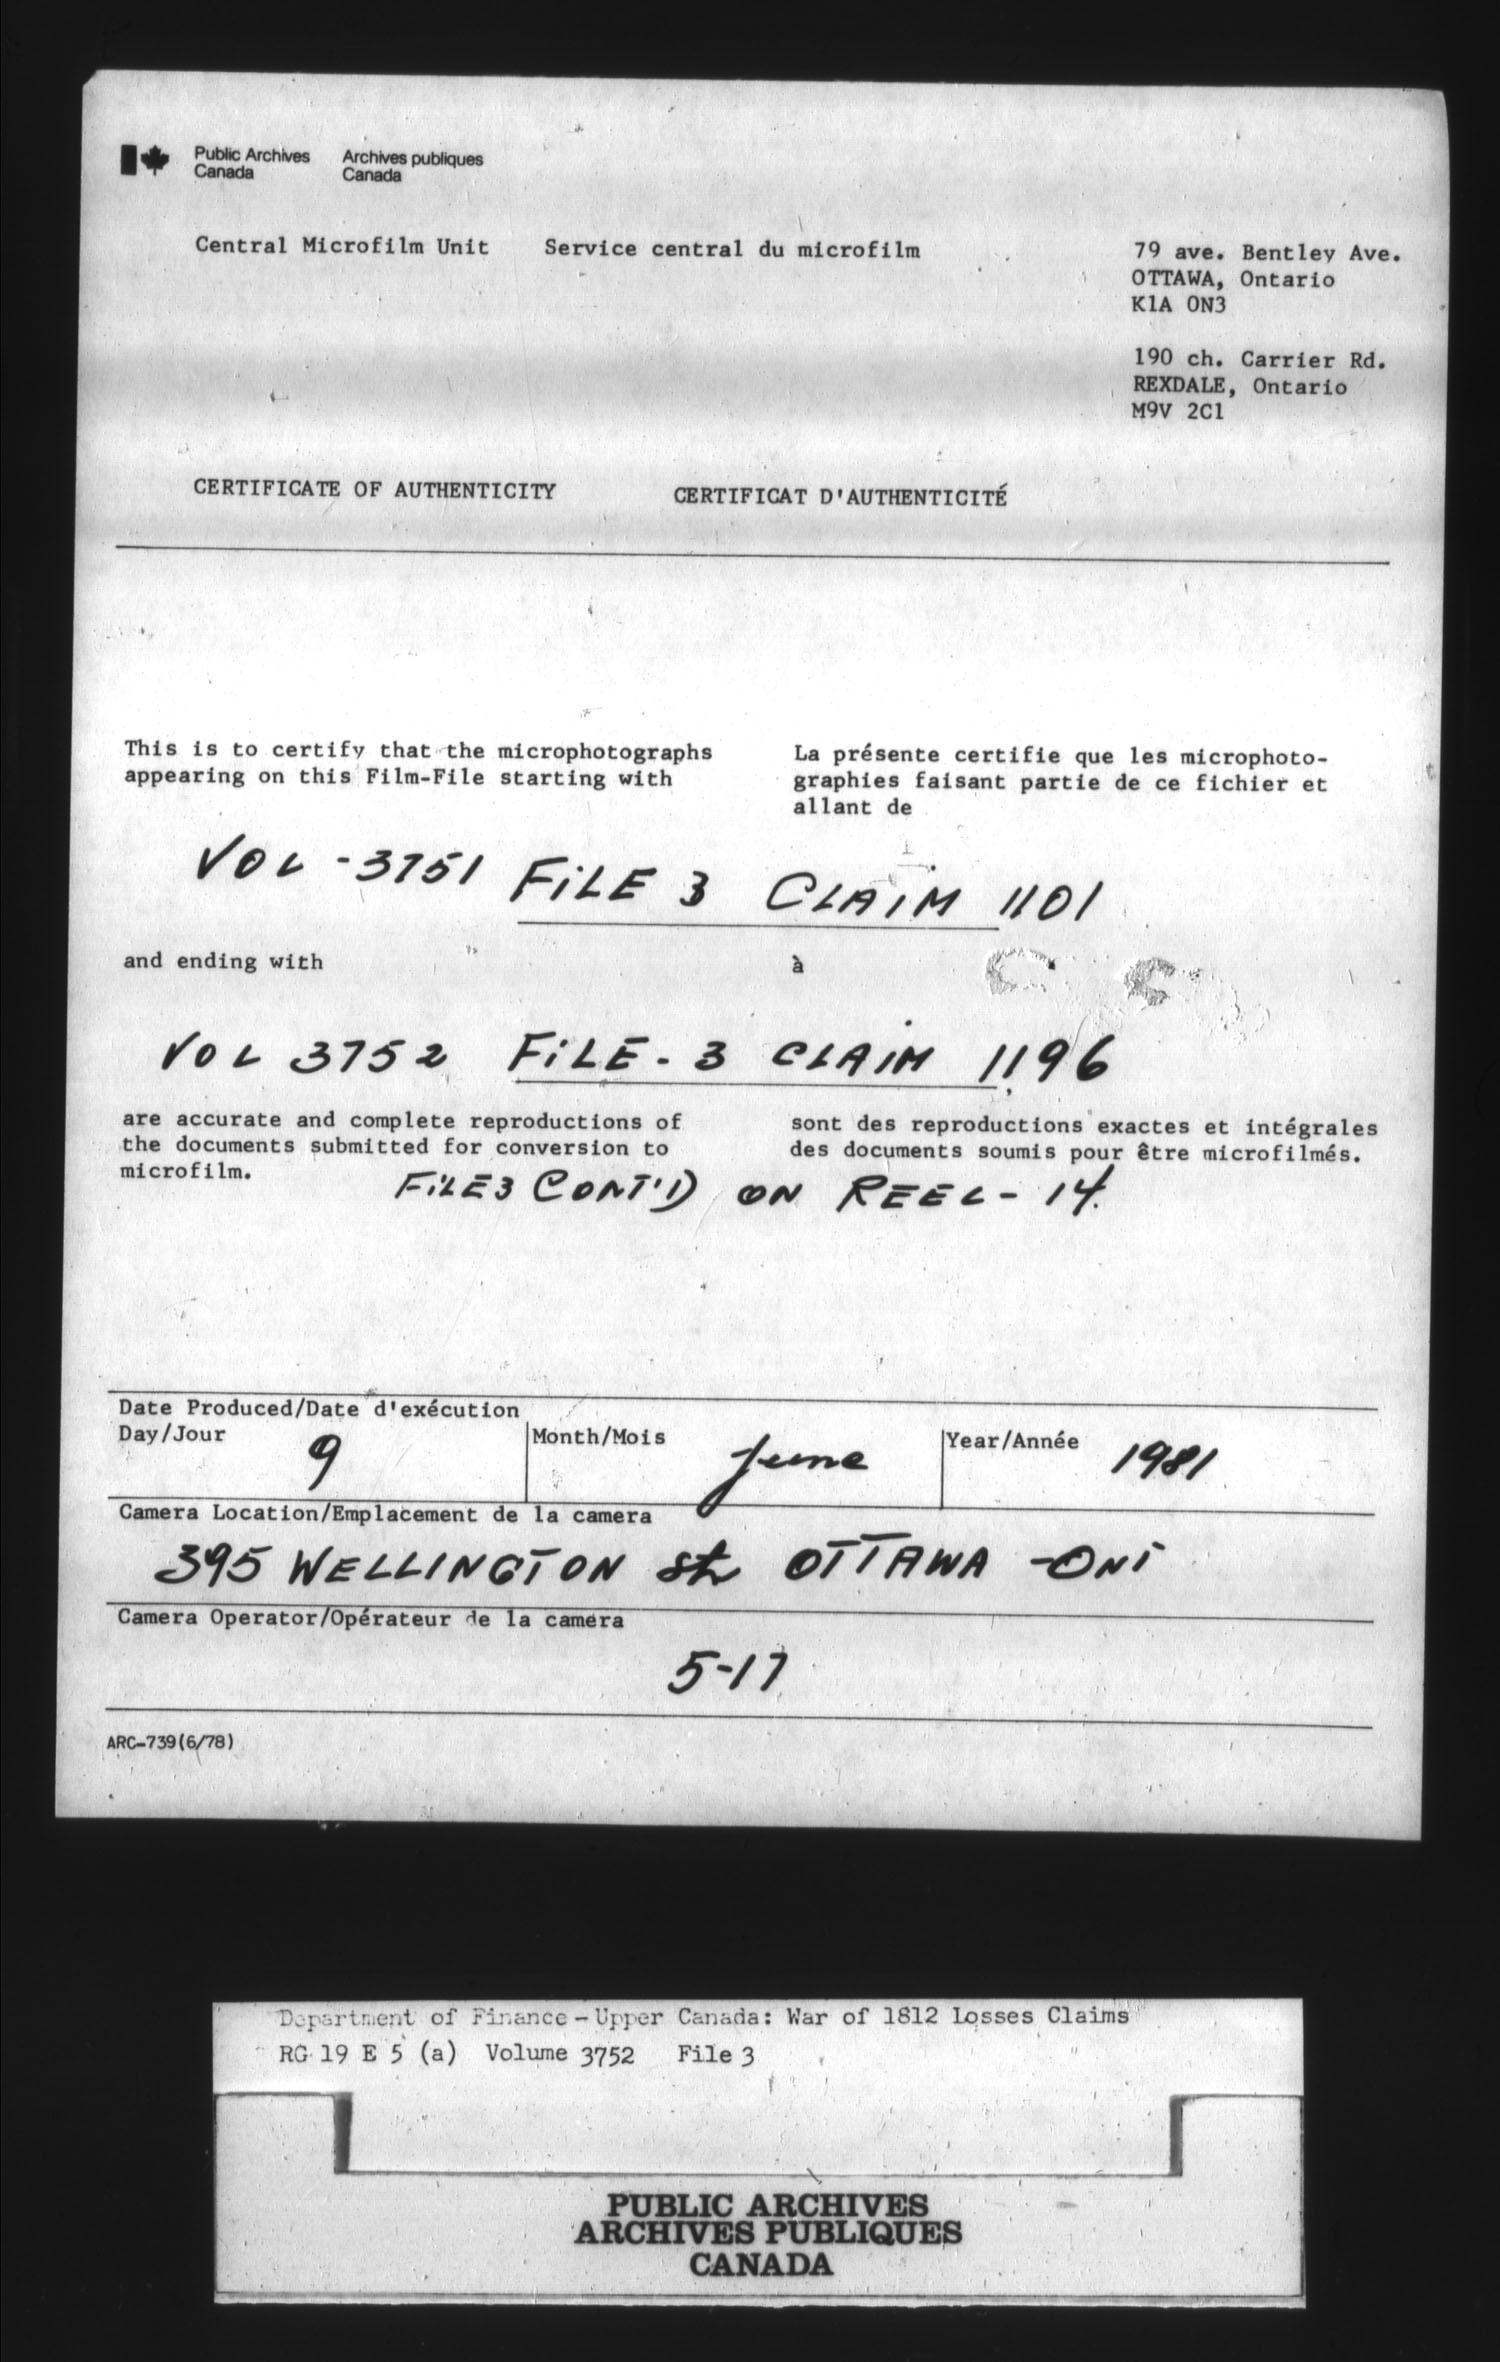 Titre: Guerre de 1812 : Commission des réclamations pour pertes subies, 1813-1848, RG 19 E5A - N° d'enregistrement Mikan: 163603 - Microforme: t-1134